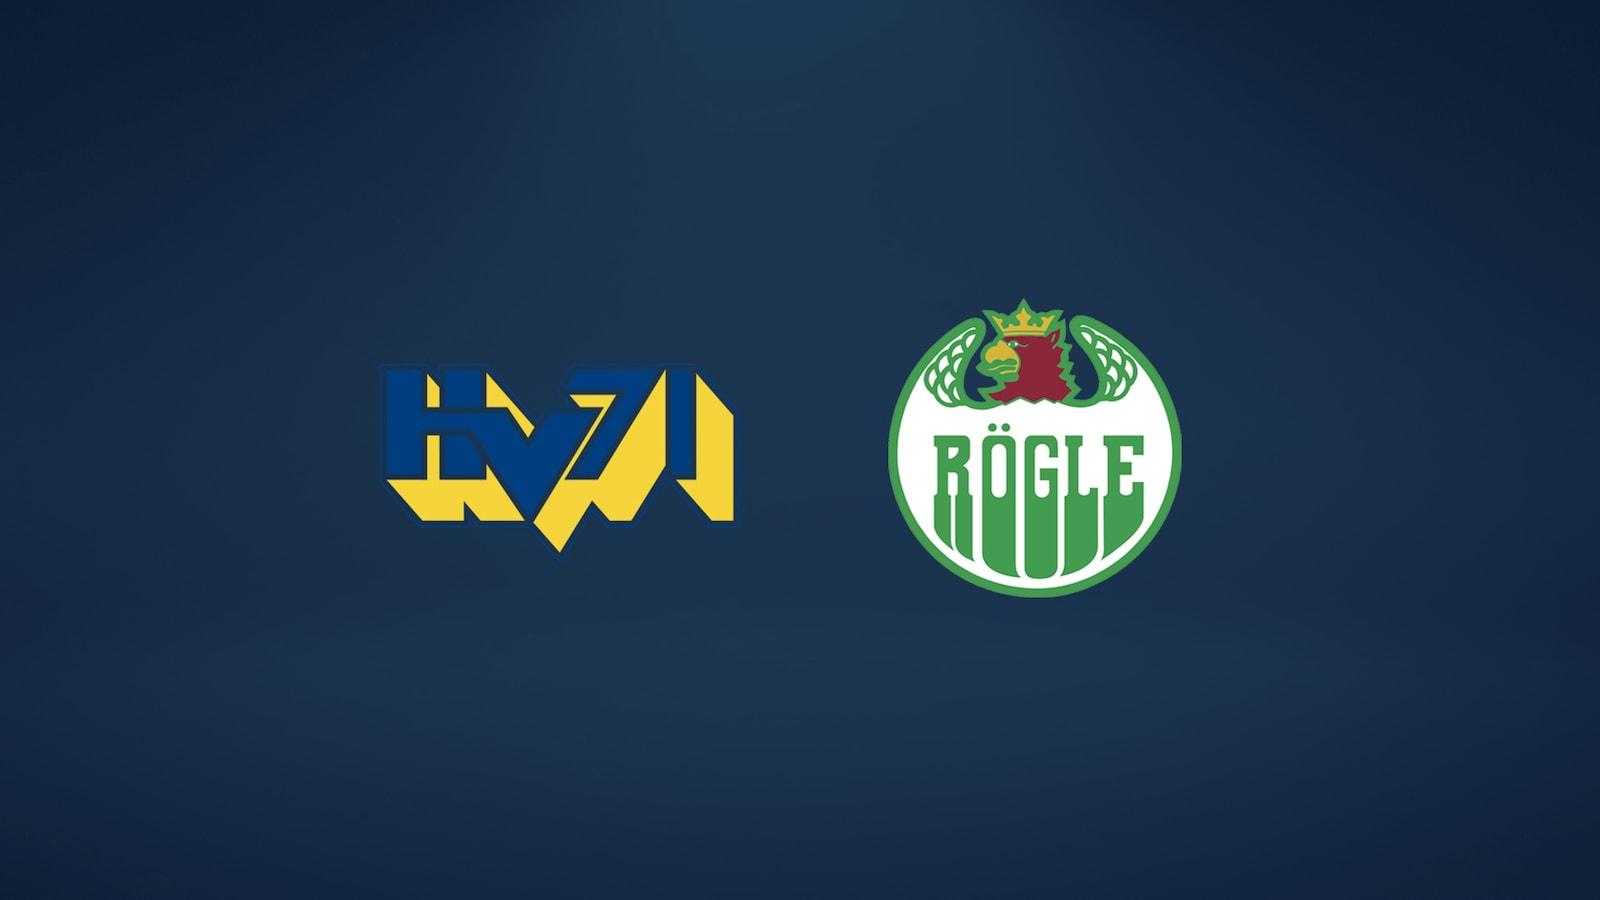 HV71 - Rögle